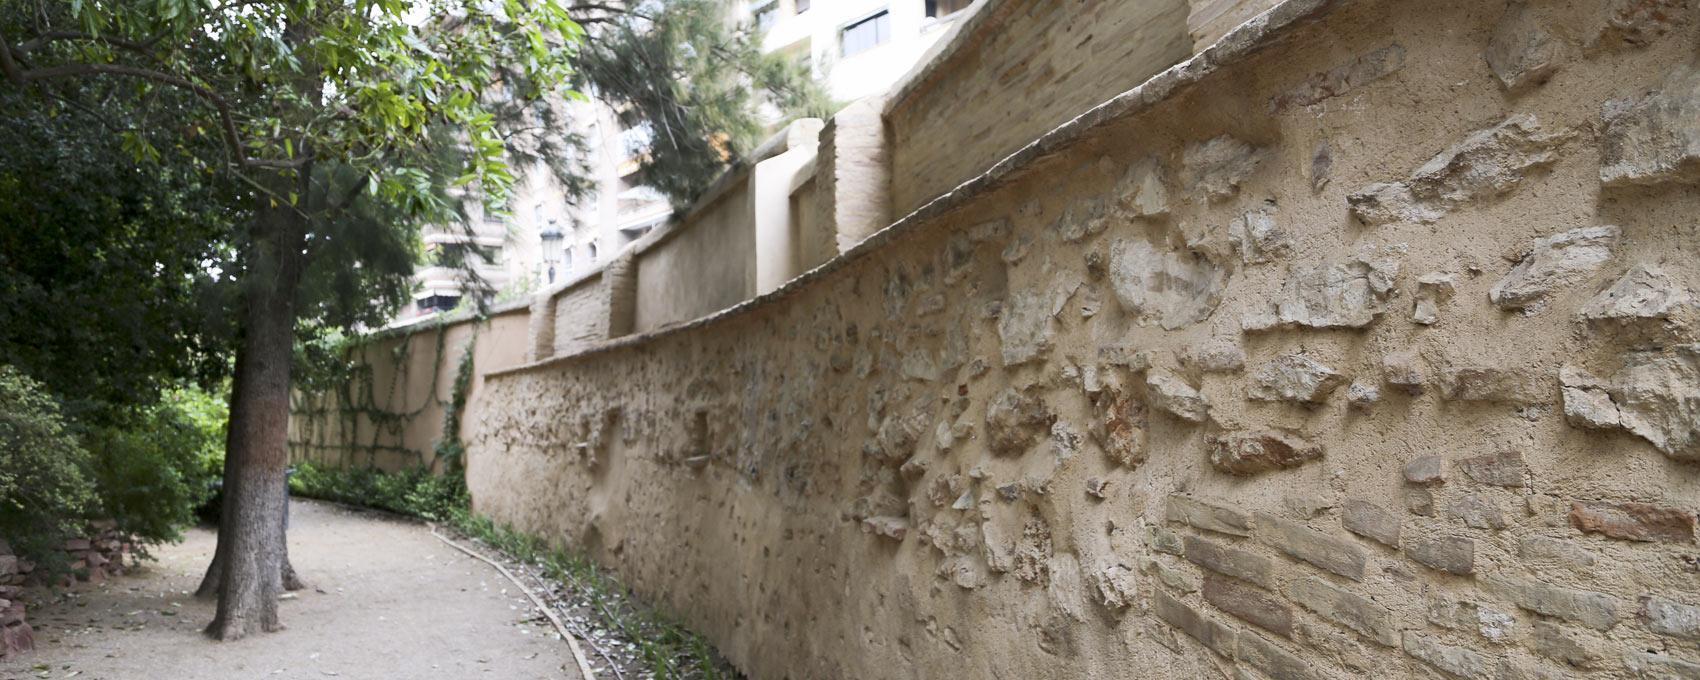 El mur perimetral de maçoneria és el típic tancament de l'època per a protegir la propietat. Com a curiositat es poden veure les banyes de cabra que hi ha incrustades en els murs, de les que es desconeix la seua procedència o utilitat